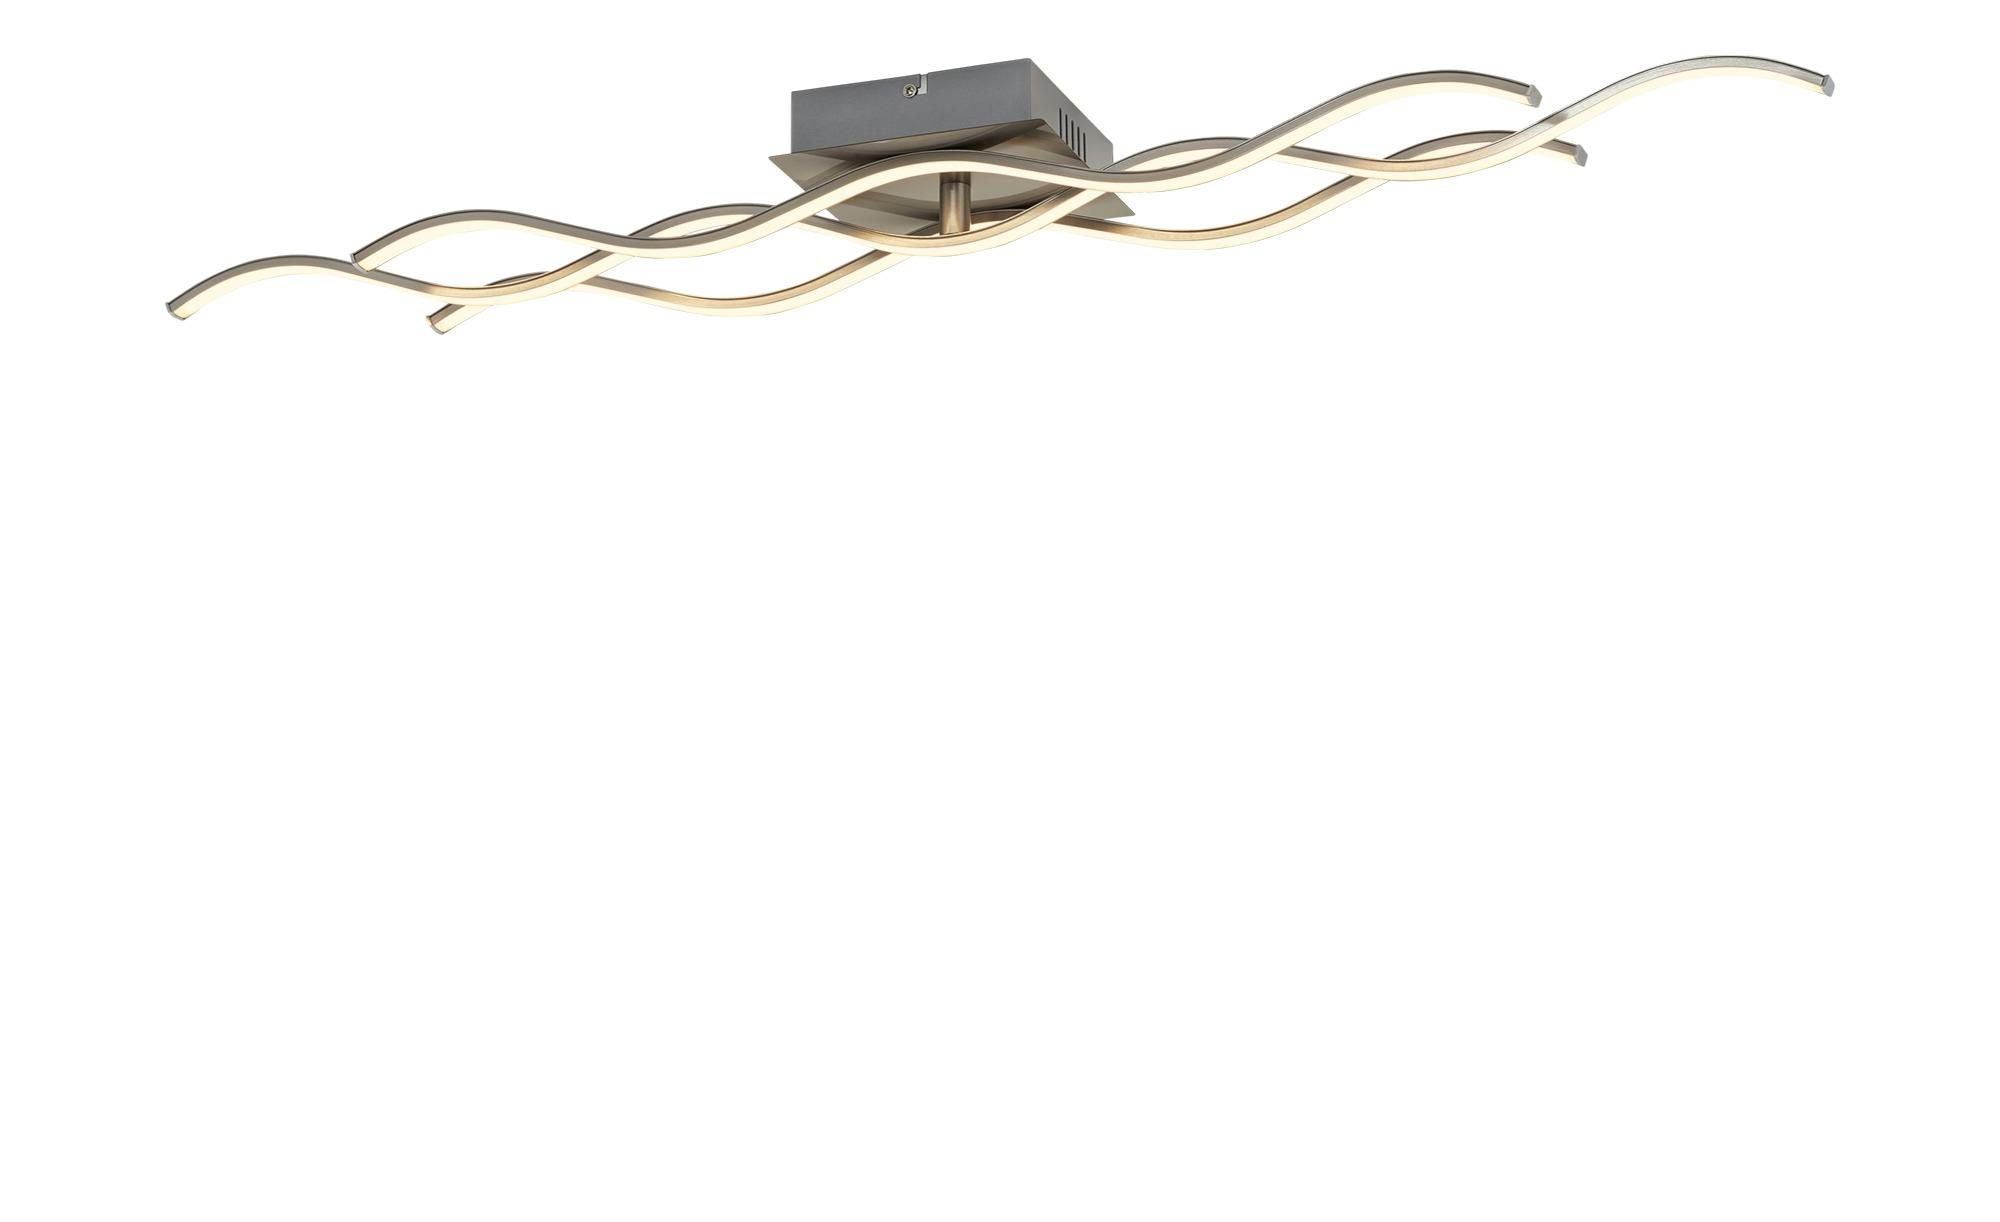 KHG LED-Deckenleuchte, Wellenförmige Leuchtelemente ¦ silber ¦ Maße (cm): B: 16 H: 9 Lampen & Leuchten > Innenleuchten > Deckenleuchten - Höffner